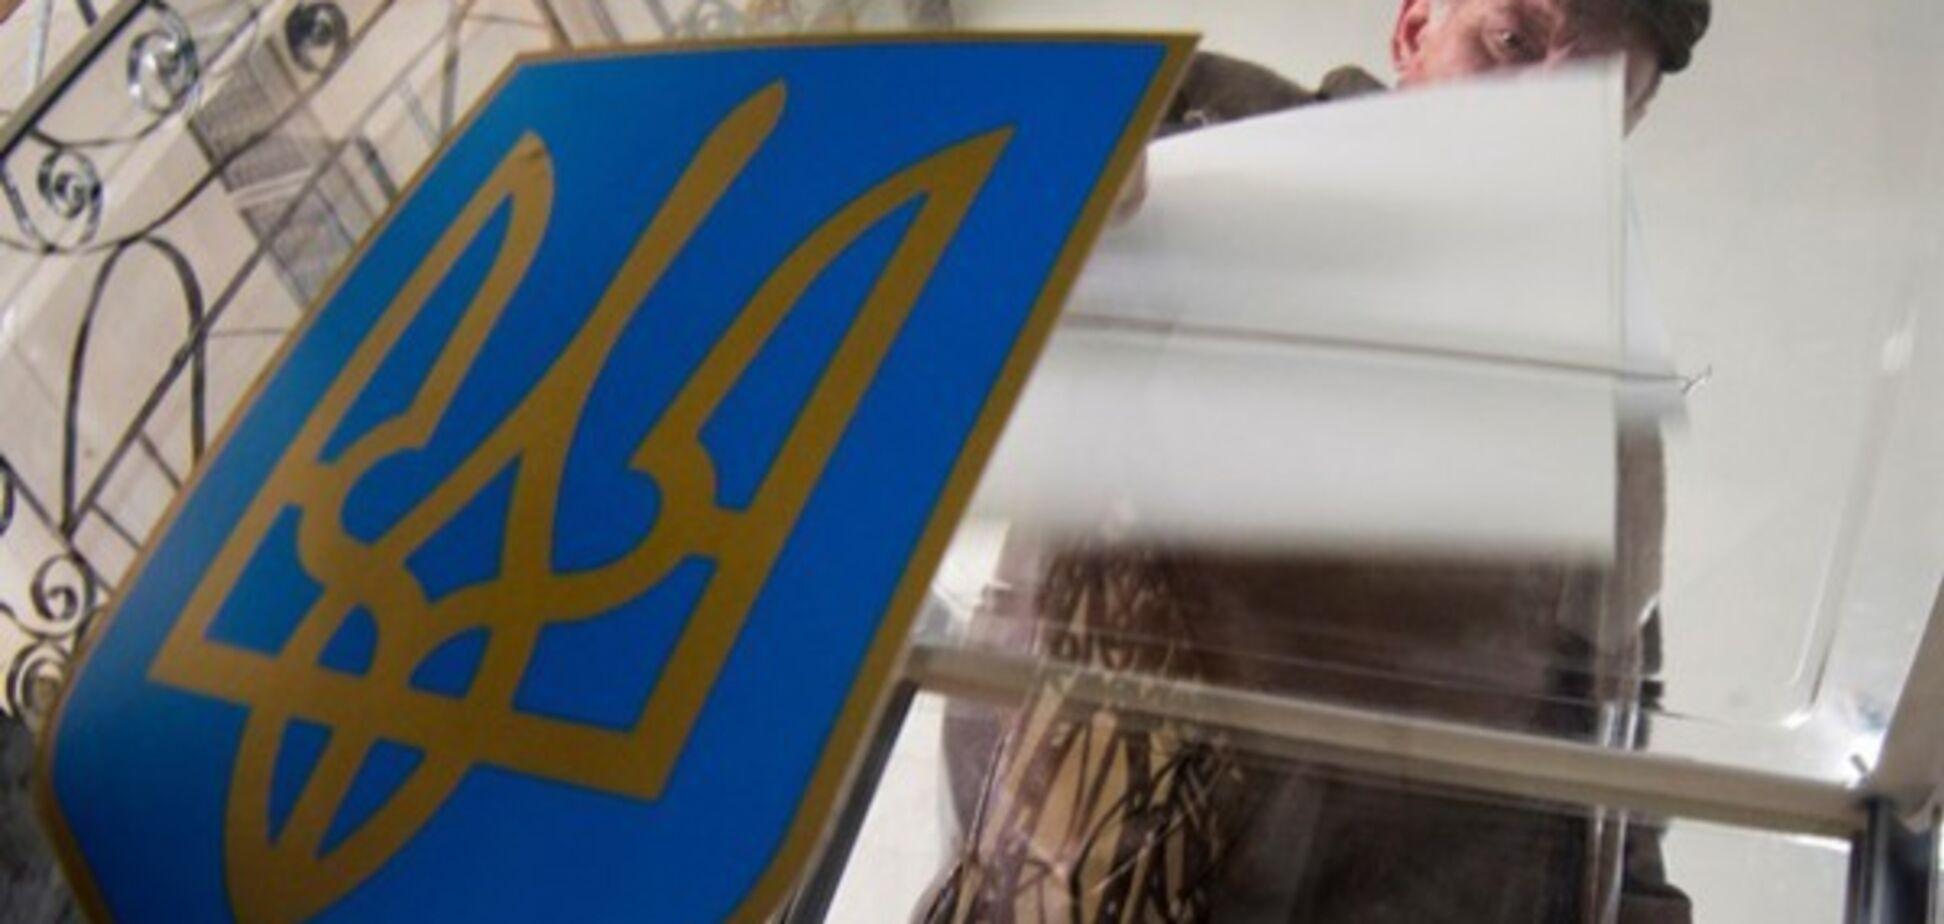 Выборы-2019 могут стать последними для Украины - Кравчук